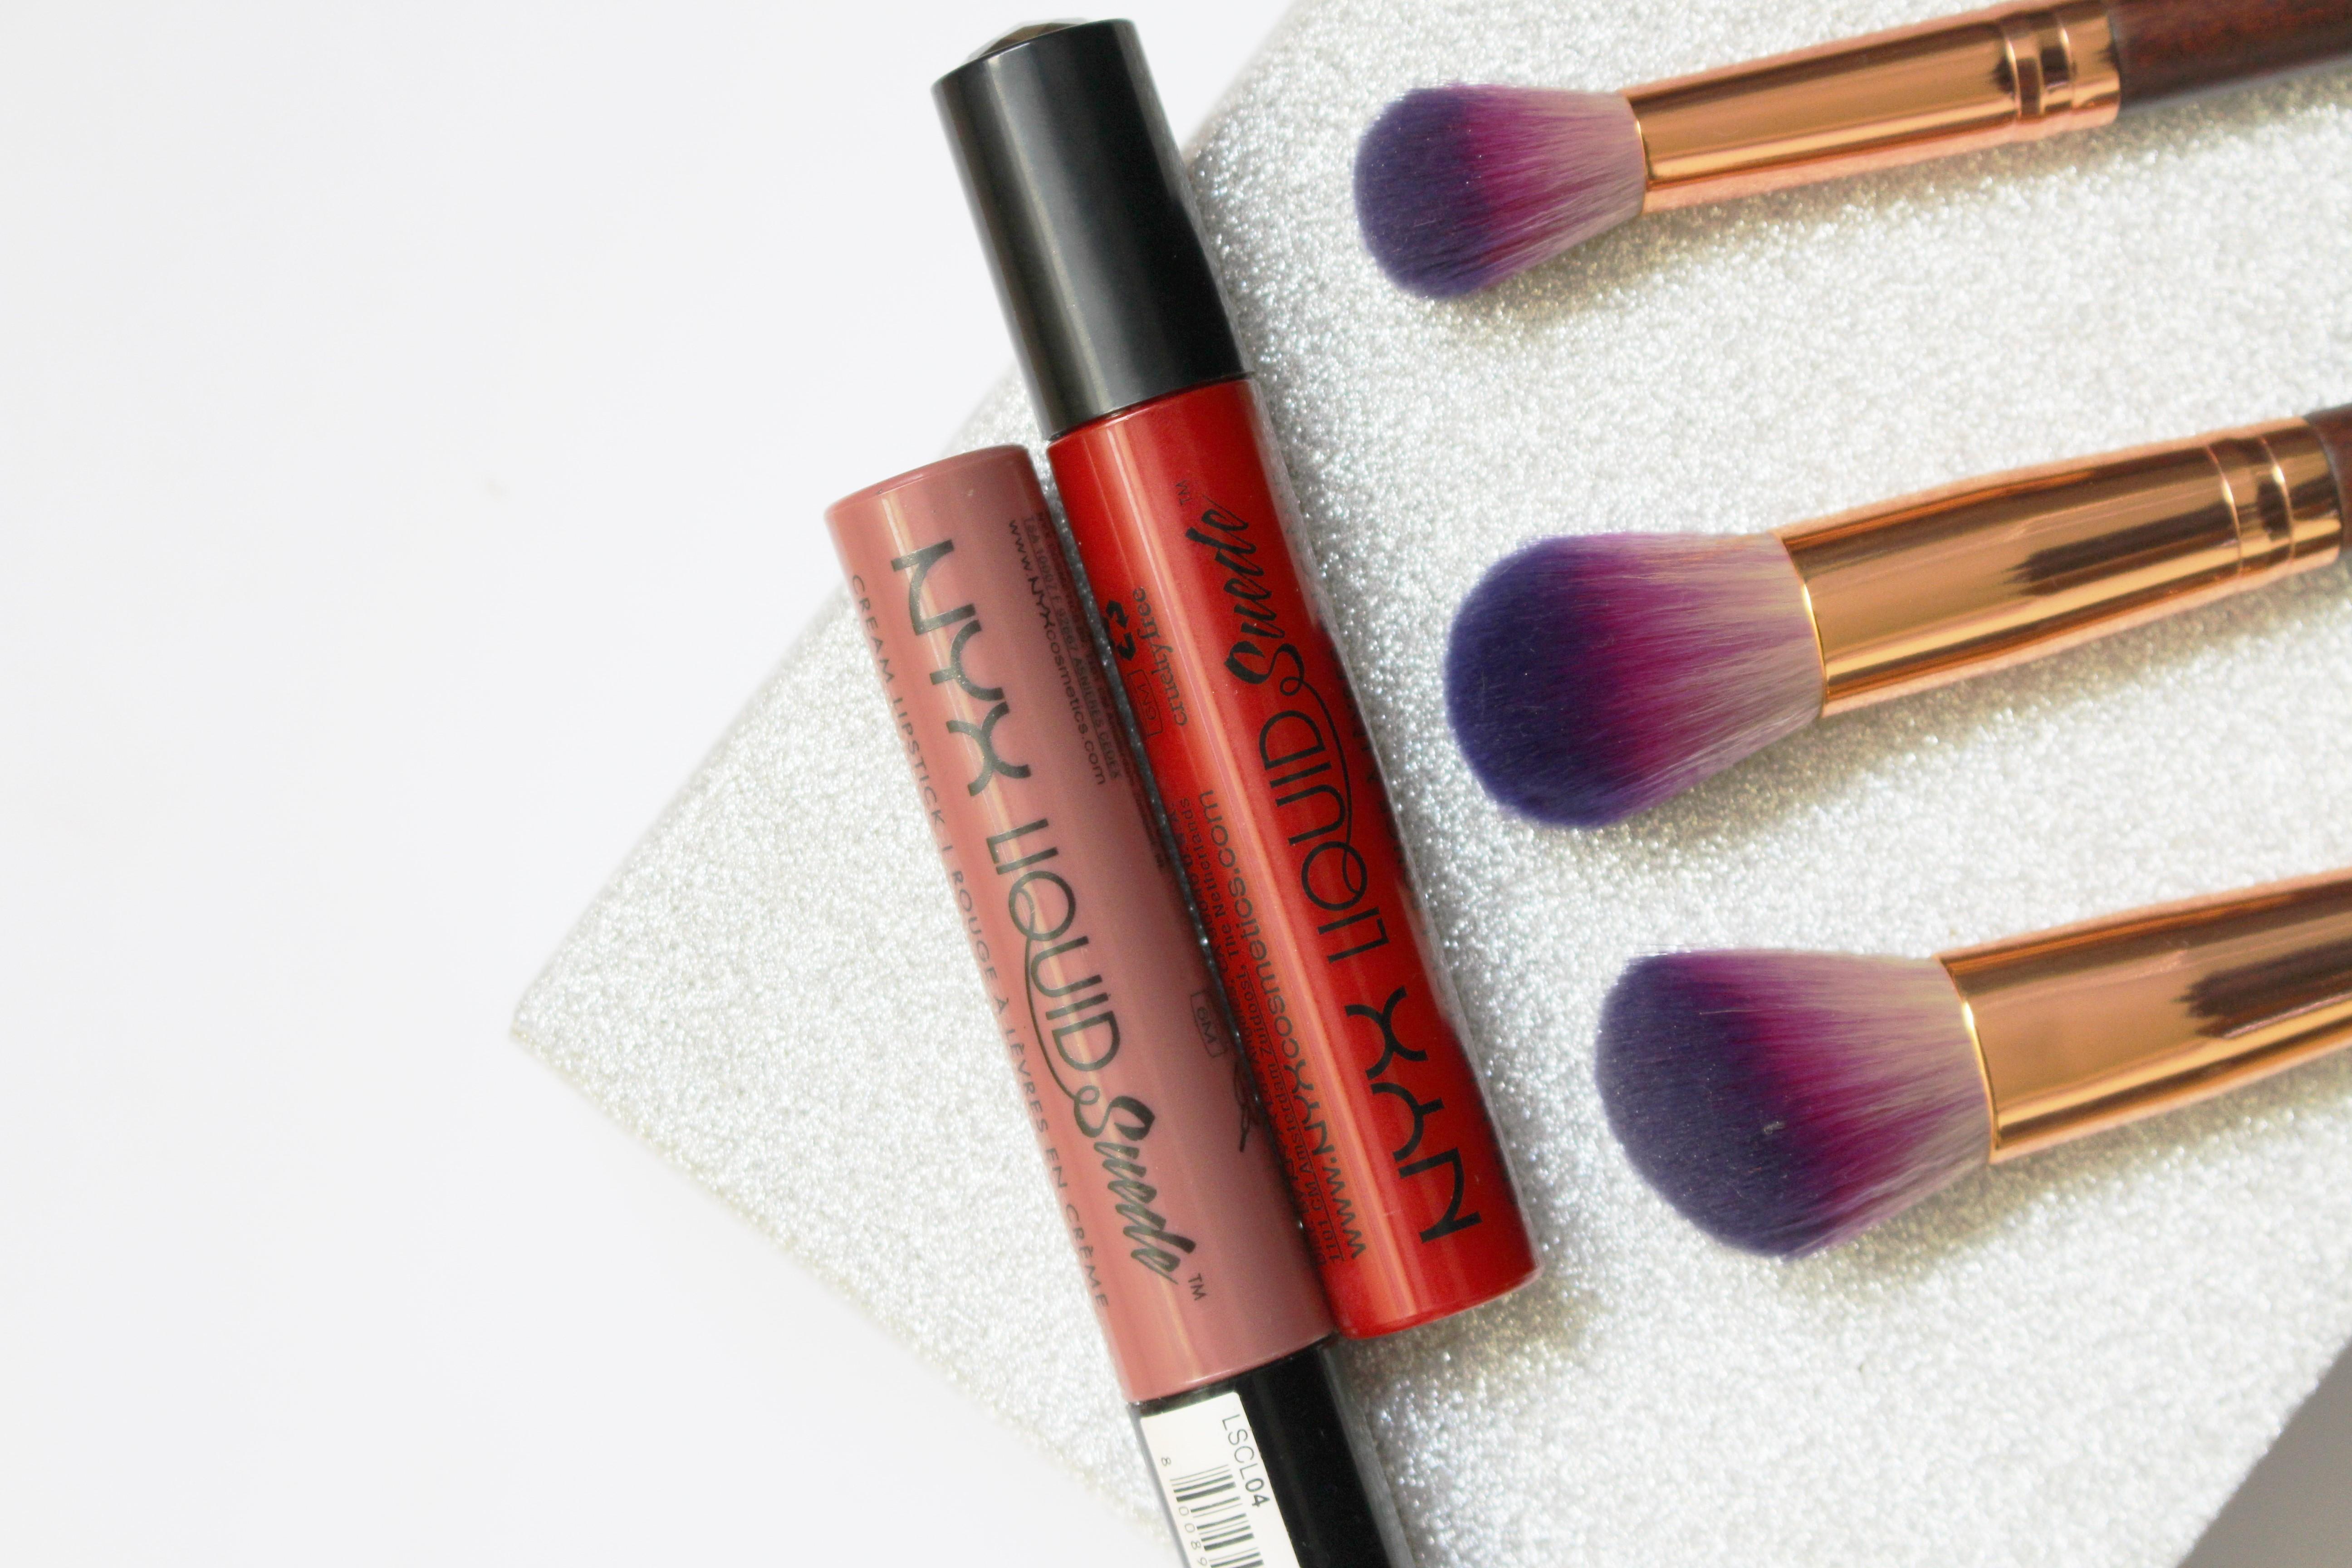 WINACTIE | Vul in en win: een NYX lip product naar keuze